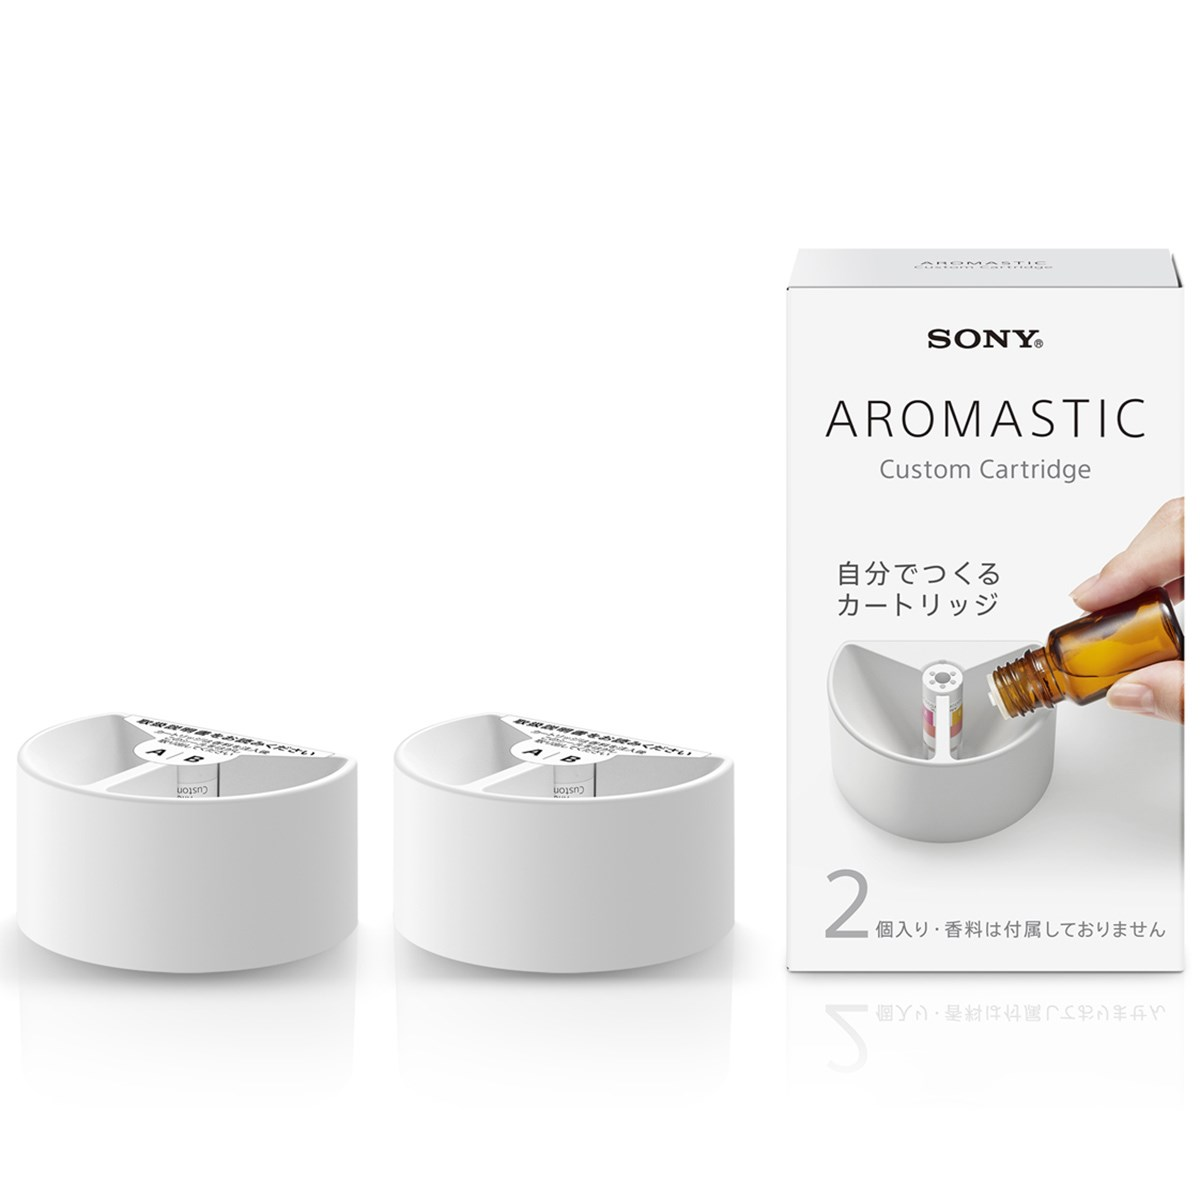 ソニー・コンピュータエンタテインメント AROMASTIC カスタムカートリッジ